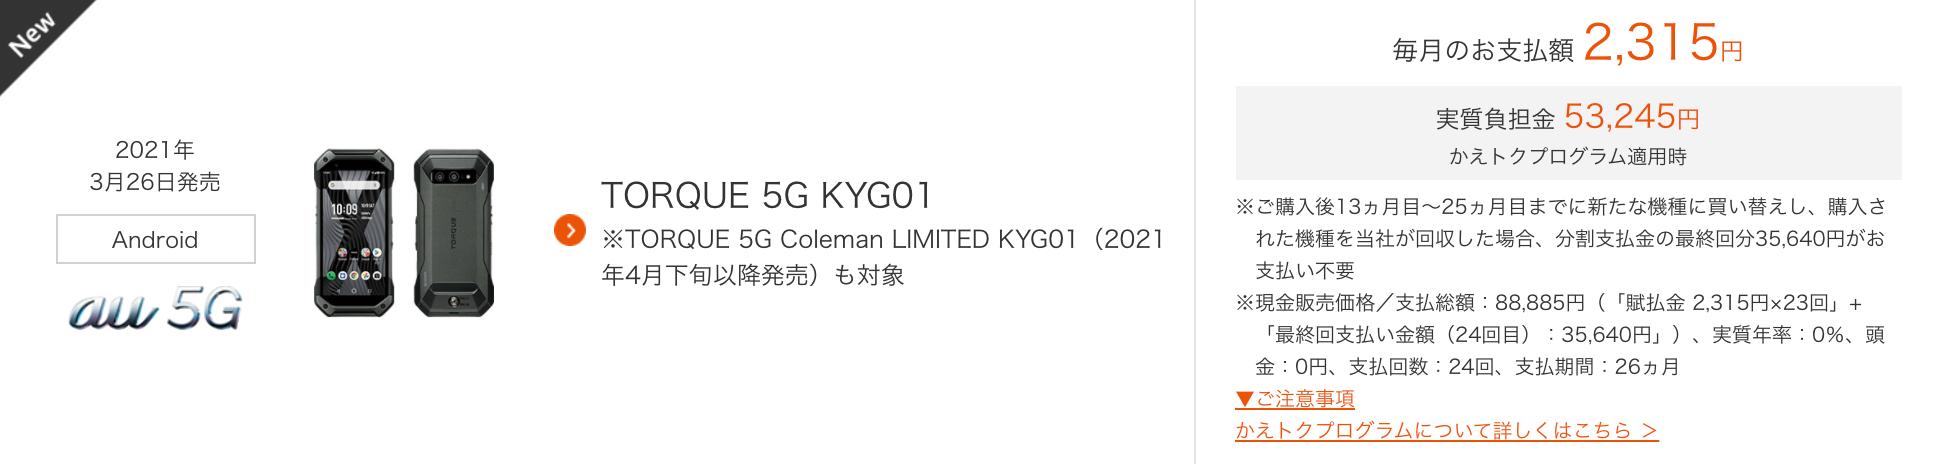 TORQUE 5Gの価格